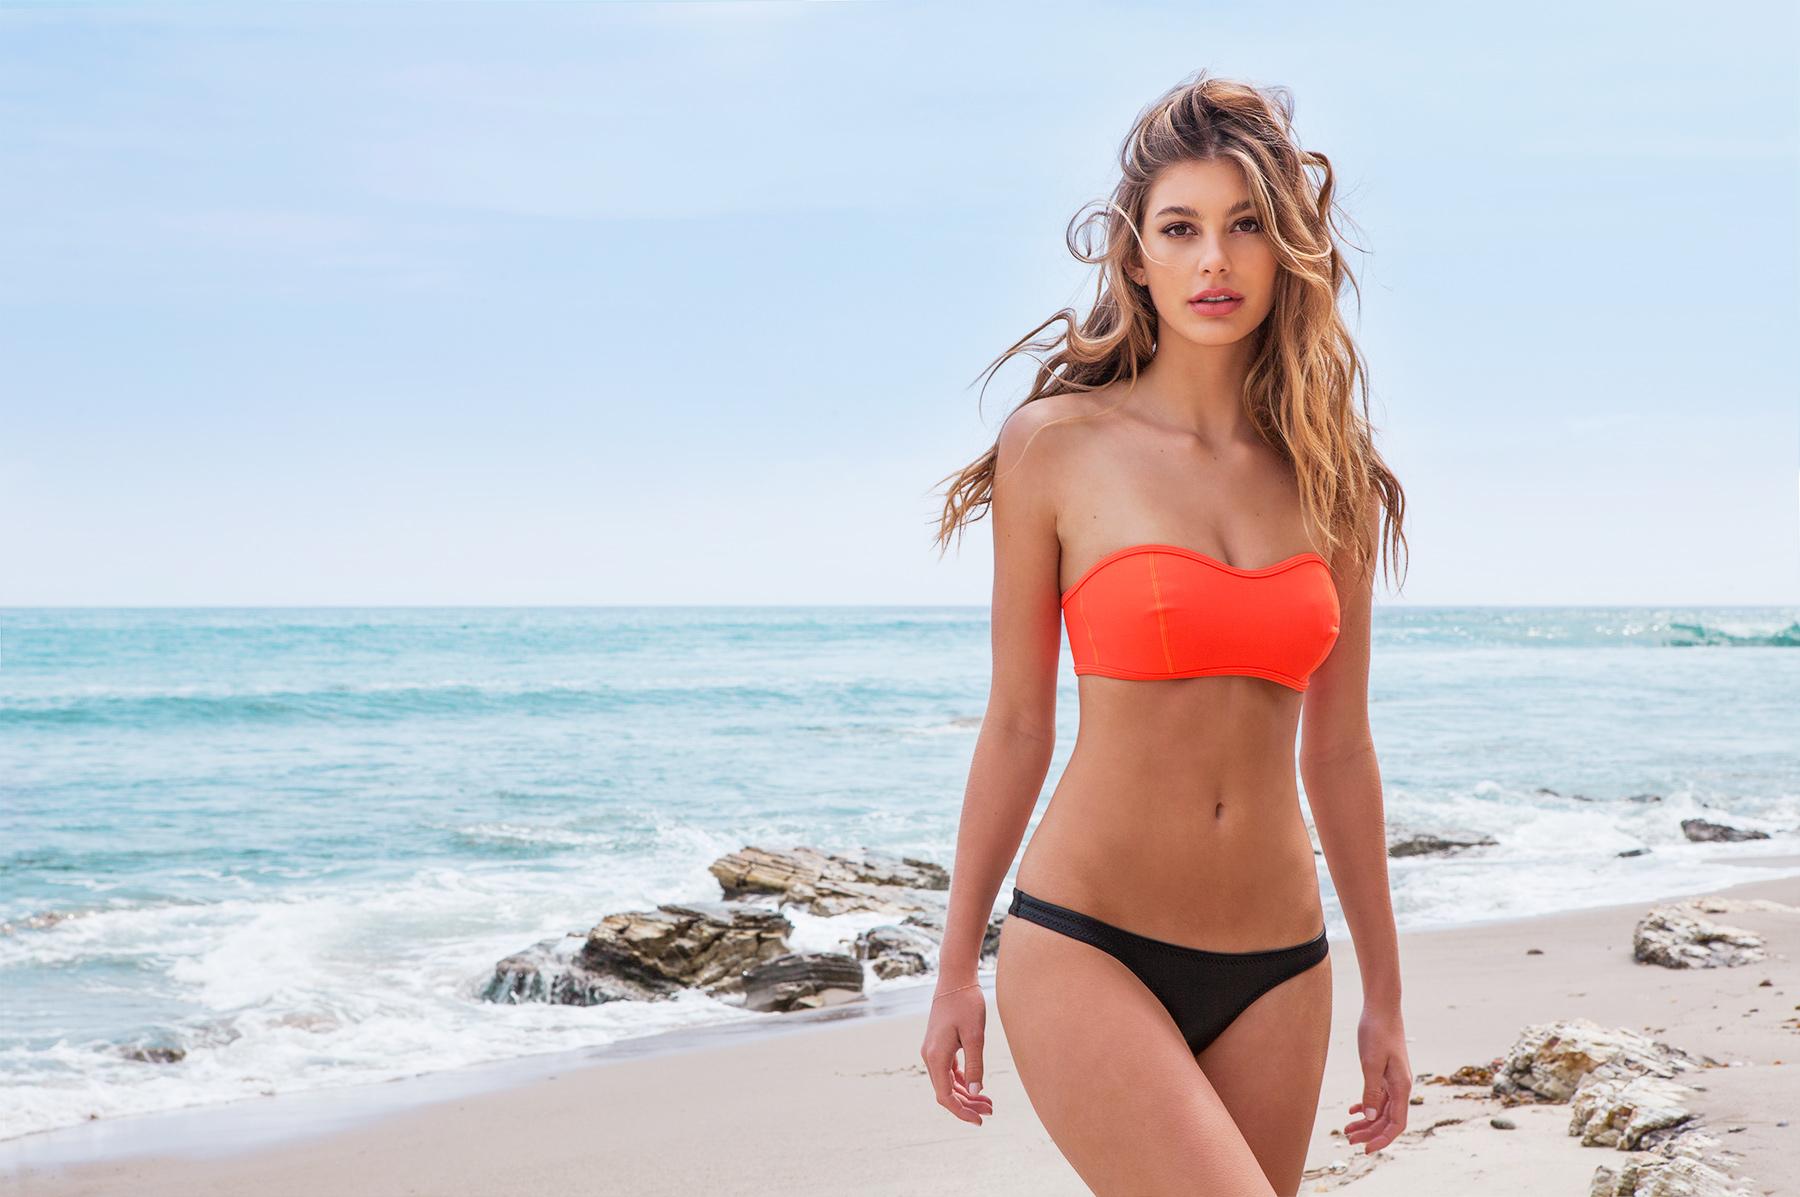 Pics Camila Ostende nude photos 2019